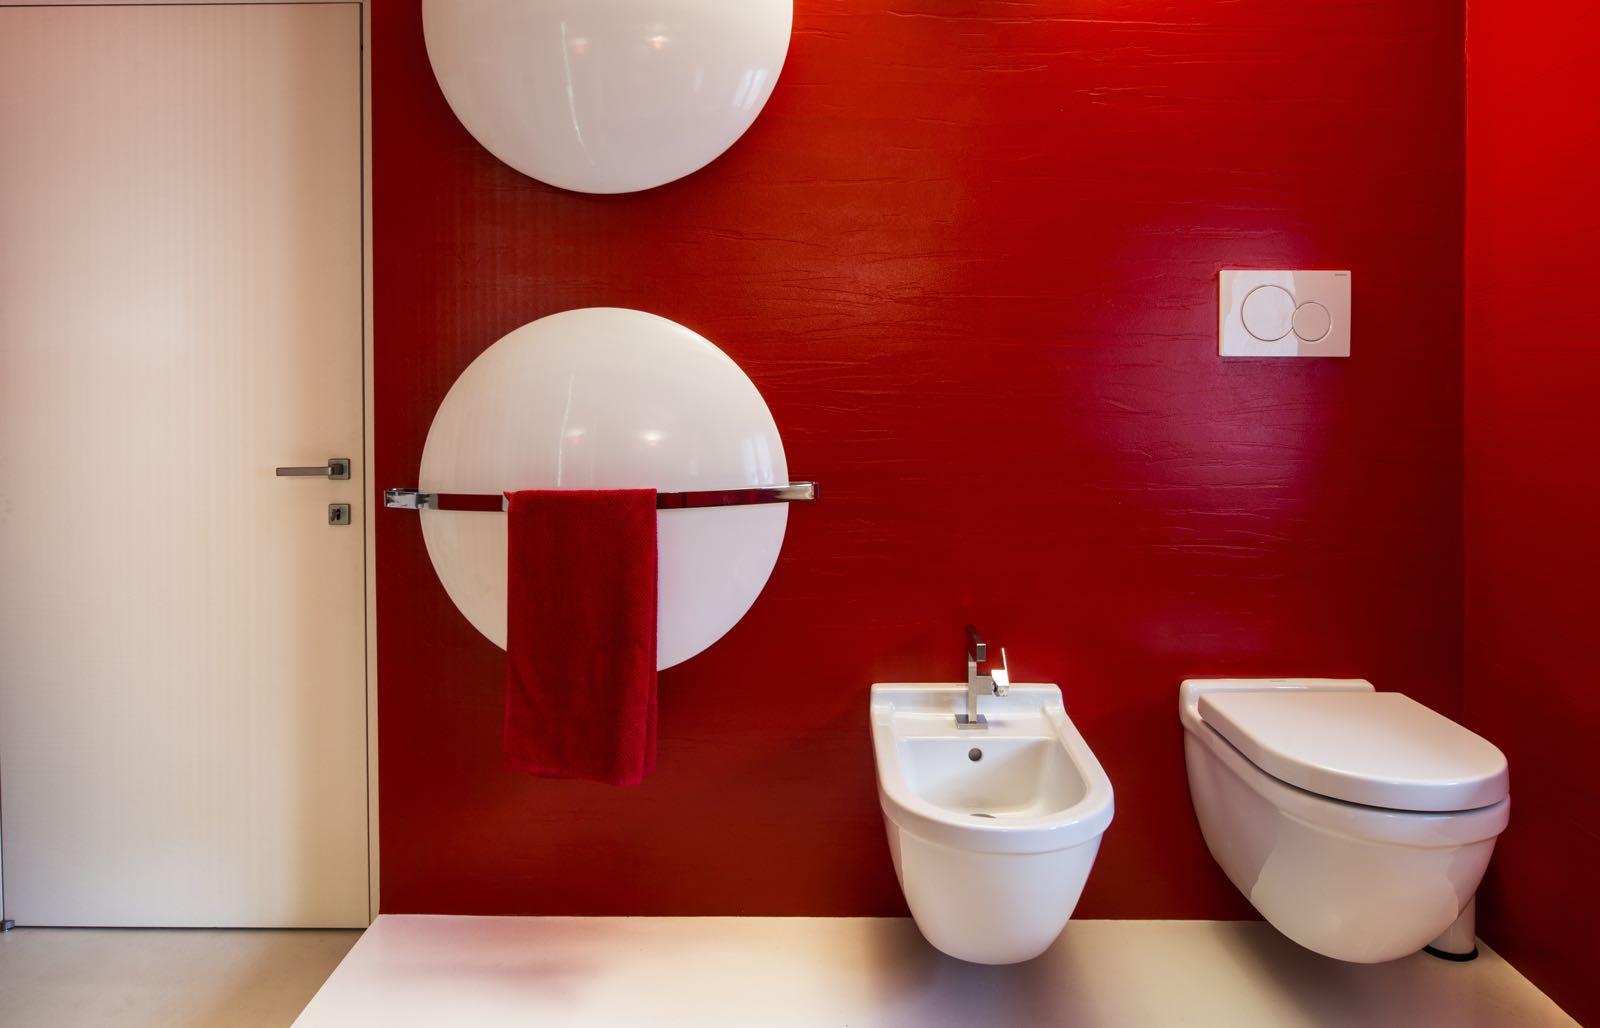 Bagni moderni luminosi e colorati | Falegnameria Gasperi